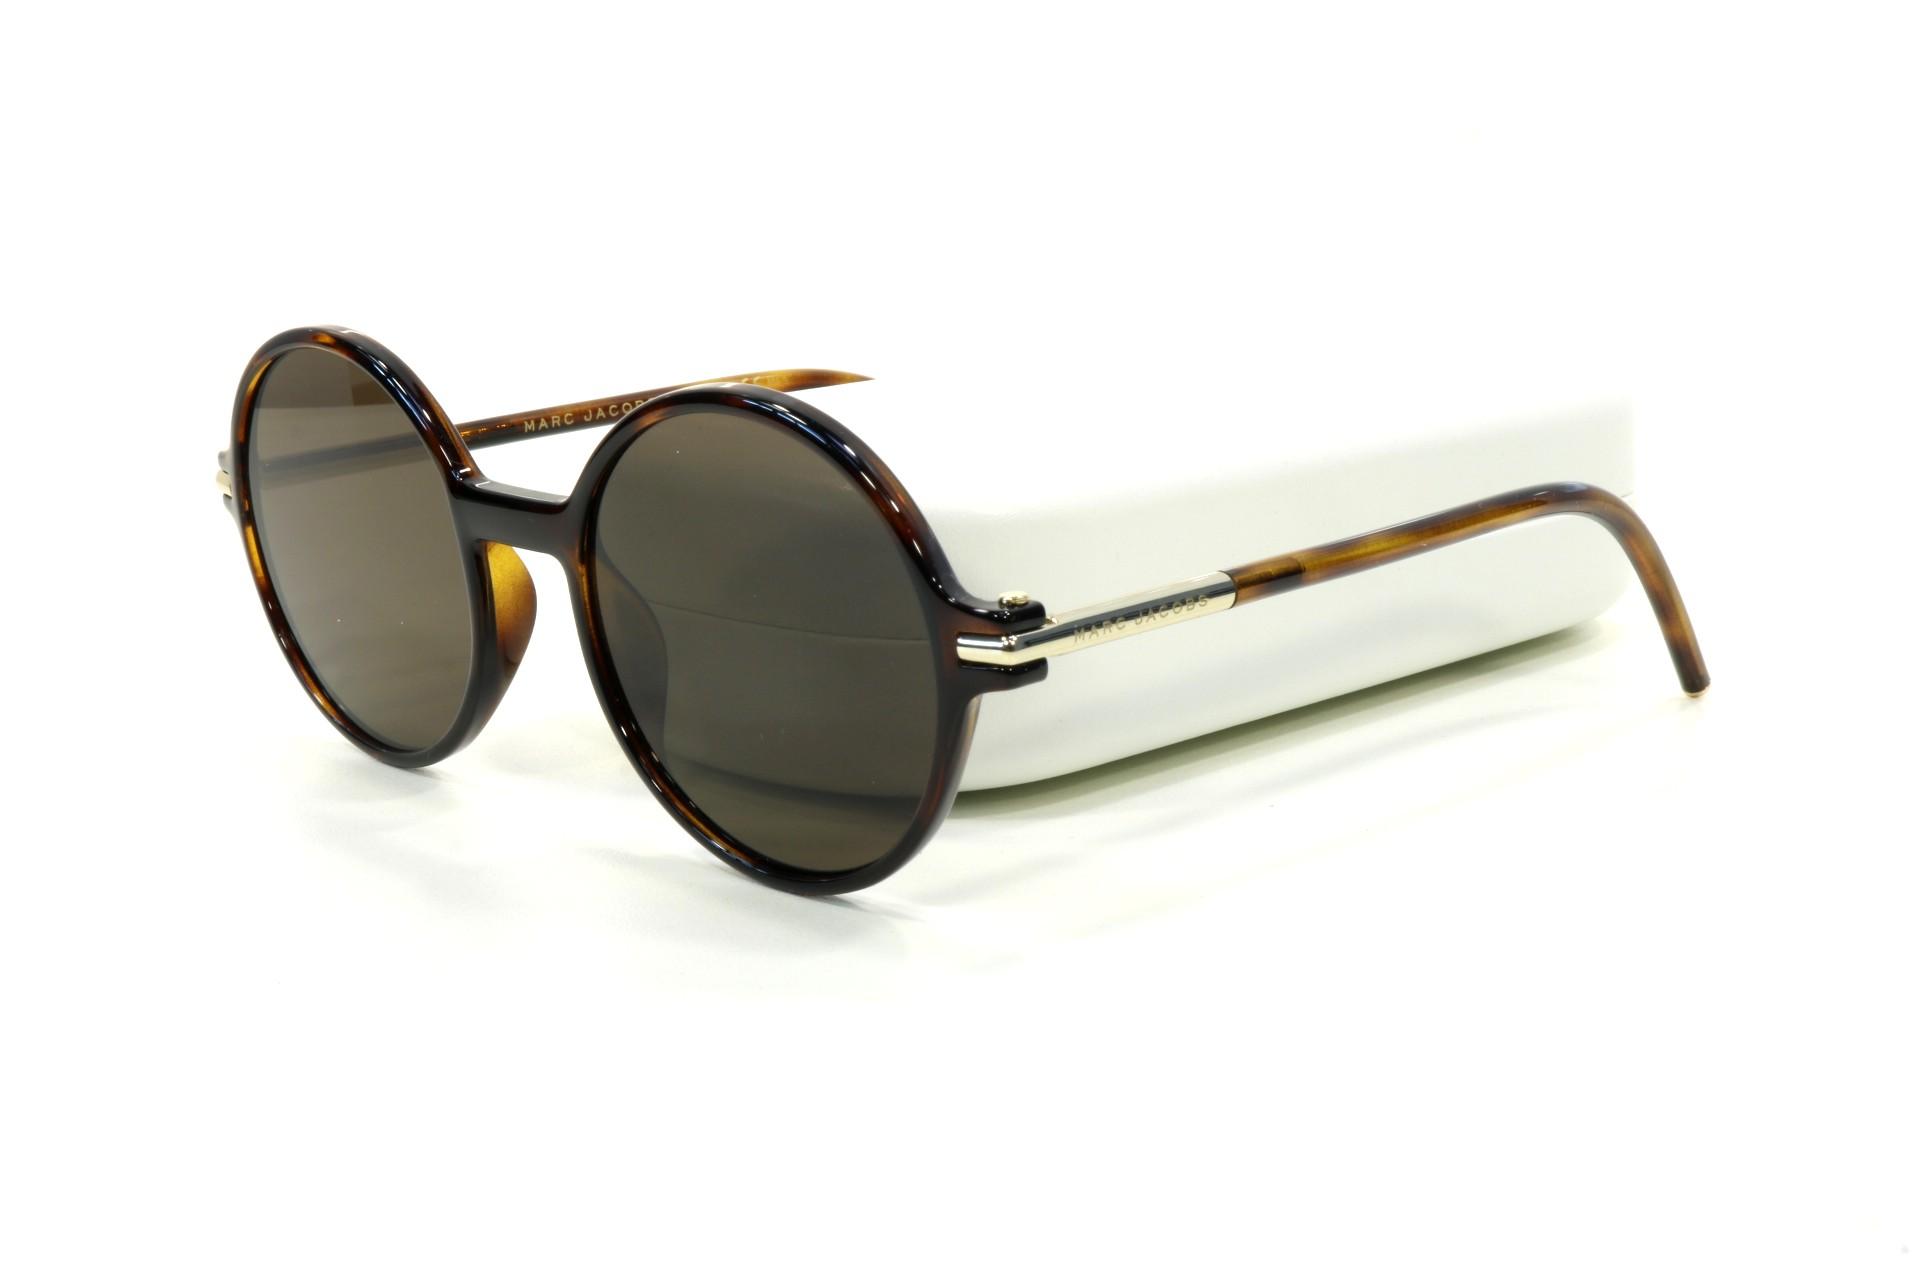 Солнцезащитные очки Marc Jacobs MARC 48 S TLR 8H 52 - купить по низкой цене  в интернет-магазине Линзмастер. 83de27806b7b